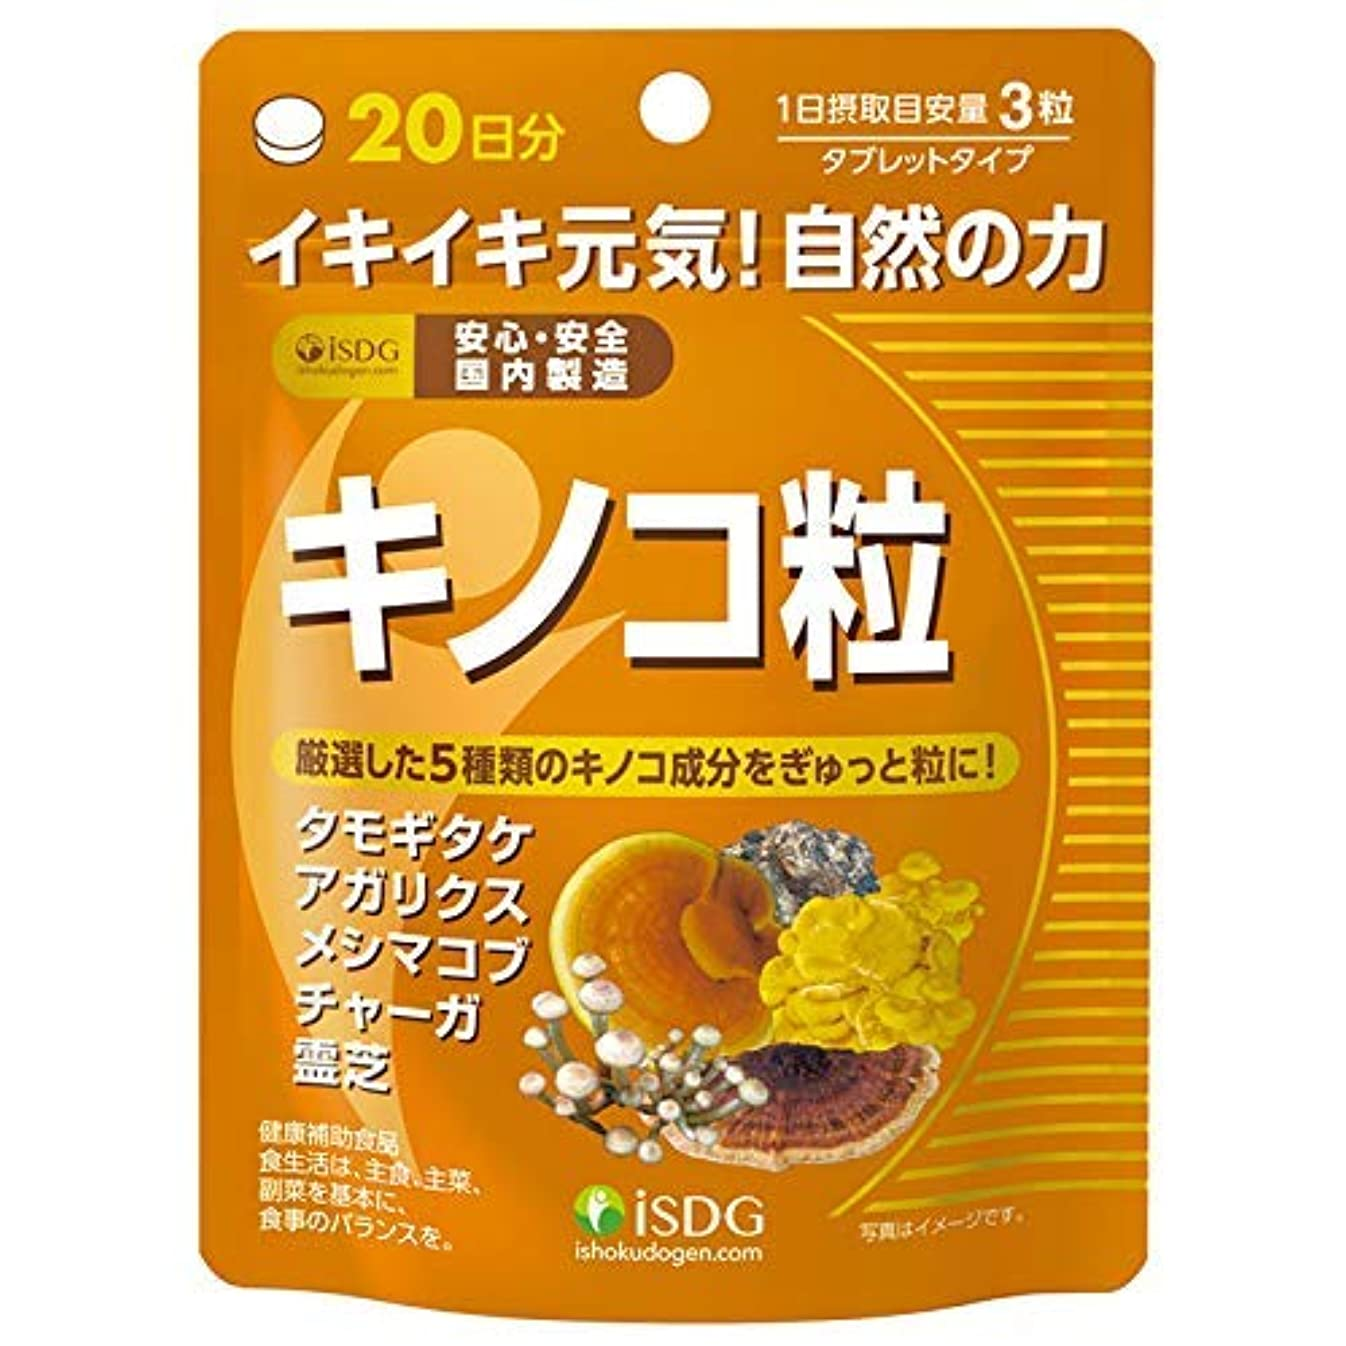 受け入れメンタル香り医食同源ドットコム ISDG 医食同源 キノコ 60粒×5個セット